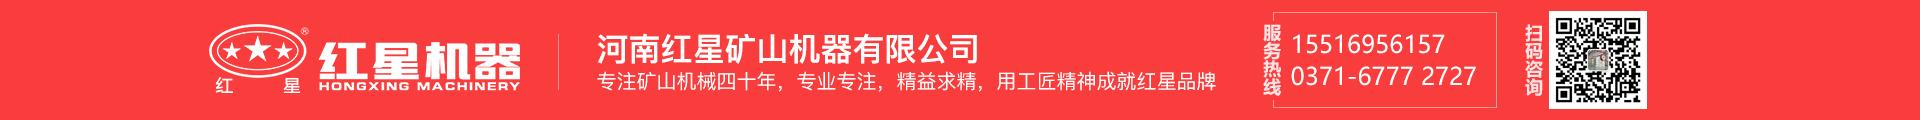 河南紅星礦山機器有限公司